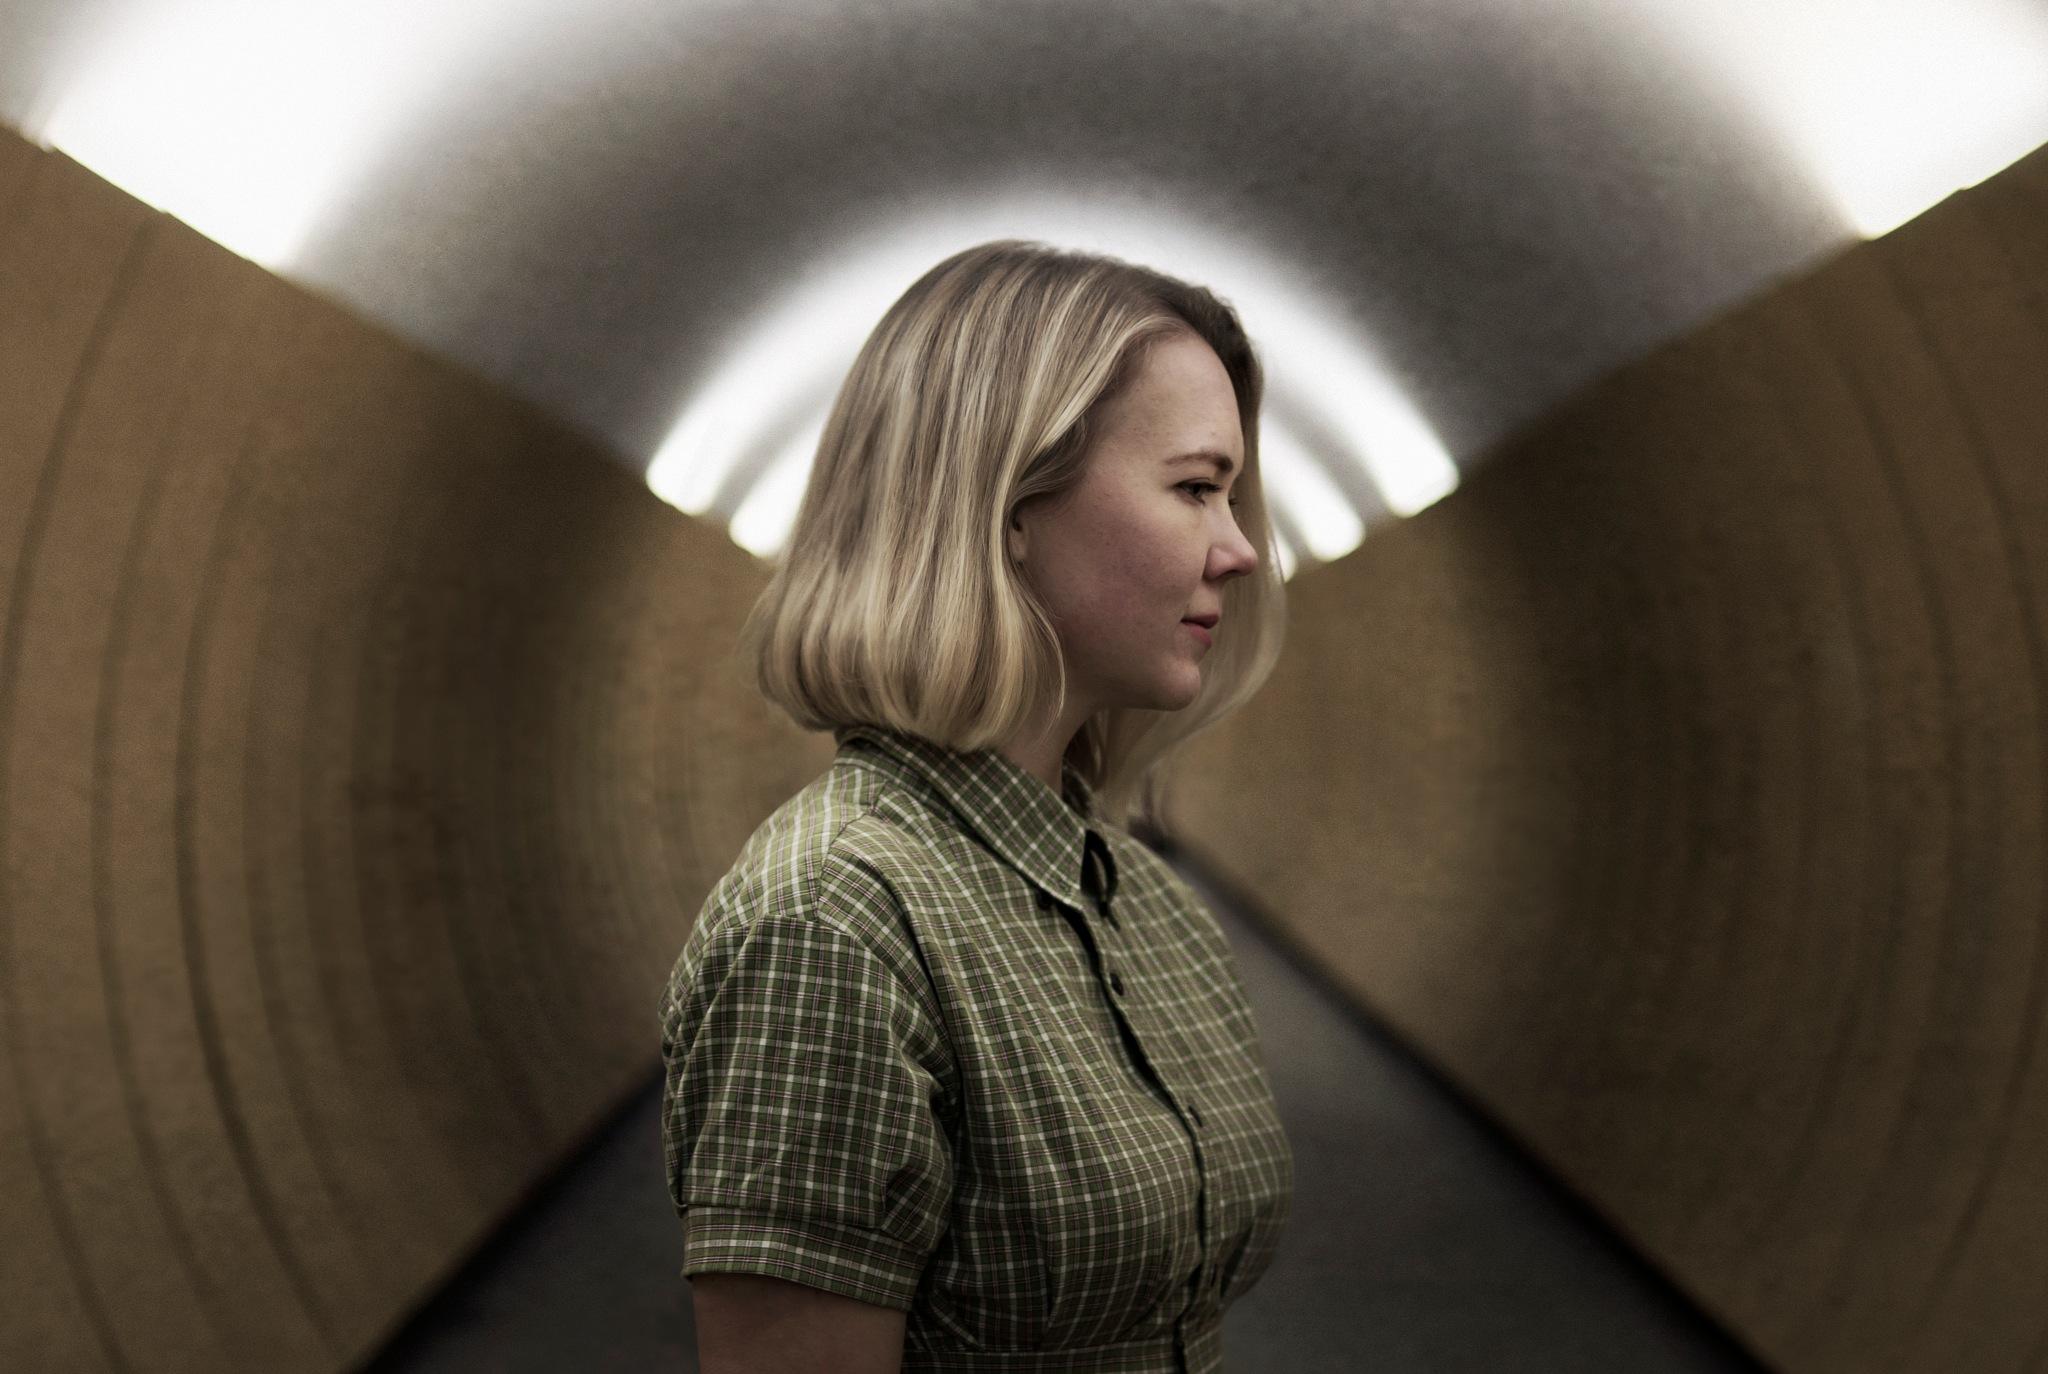 Tunnel vision by Isabel Herlöfsson